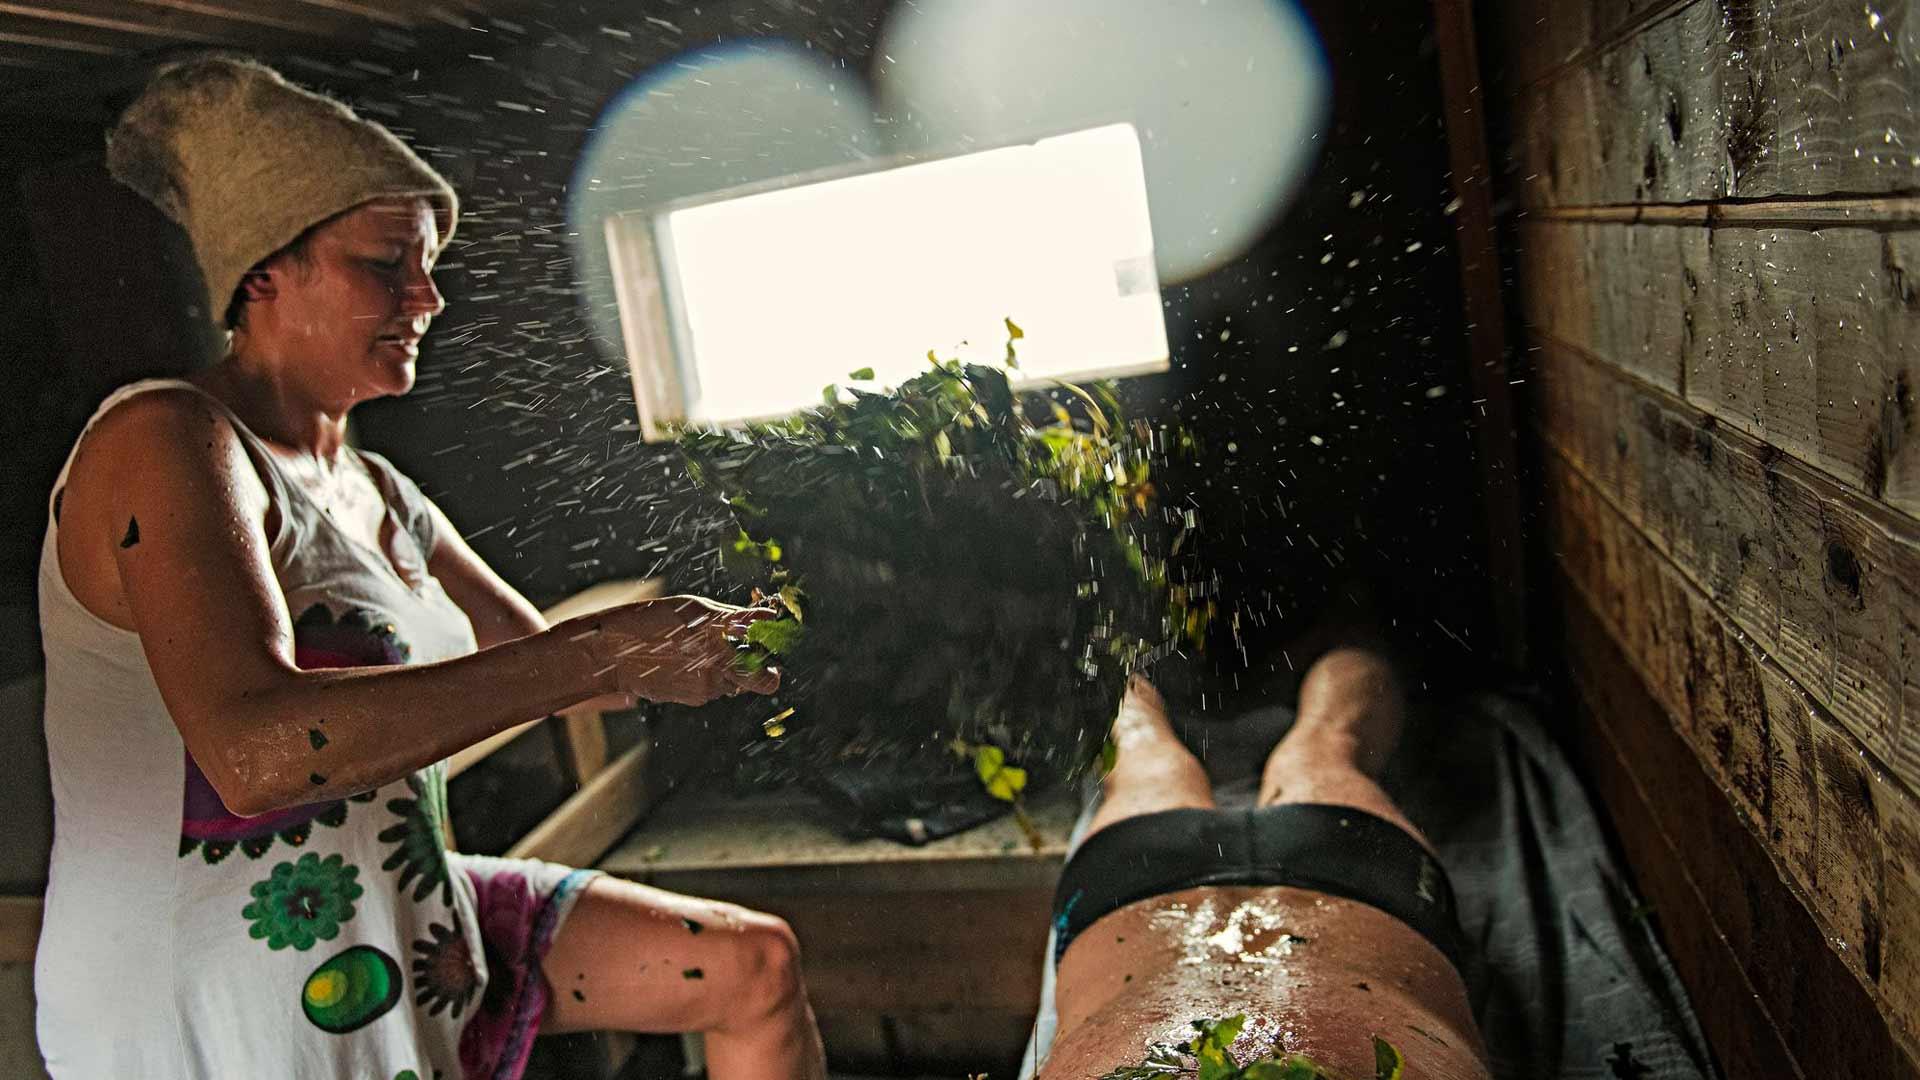 Vihta heiluu ja loitsu raikaa. Saunasta elämänvoimaa ammentanut Mari Lusenius jakaa mielellään saunan ilosanomaa myös muille.